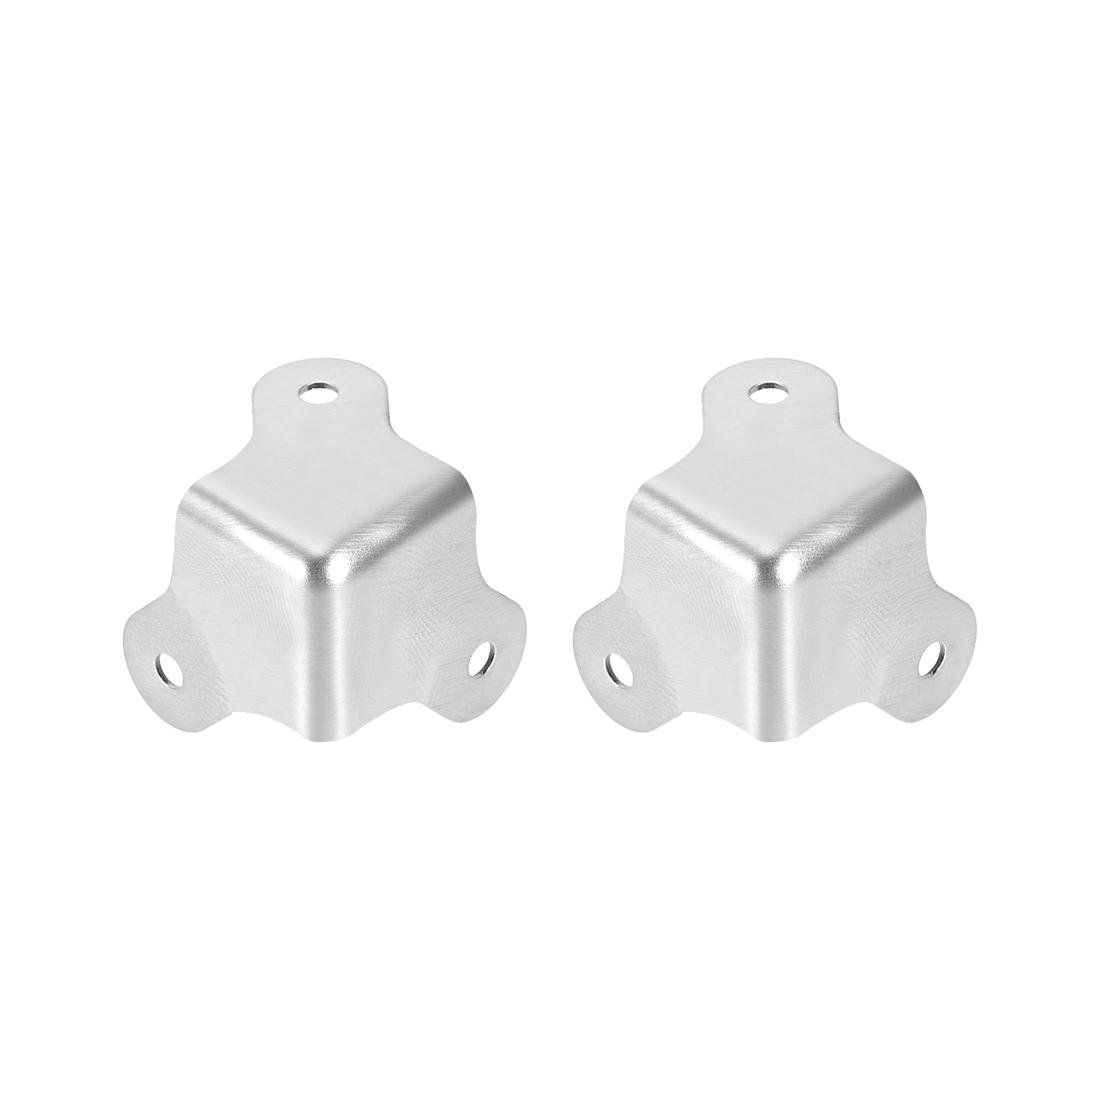 Metal Box Corner Protectors Edge Guard Protector 22.5 x 22.5 x 22.5mm 2pcs